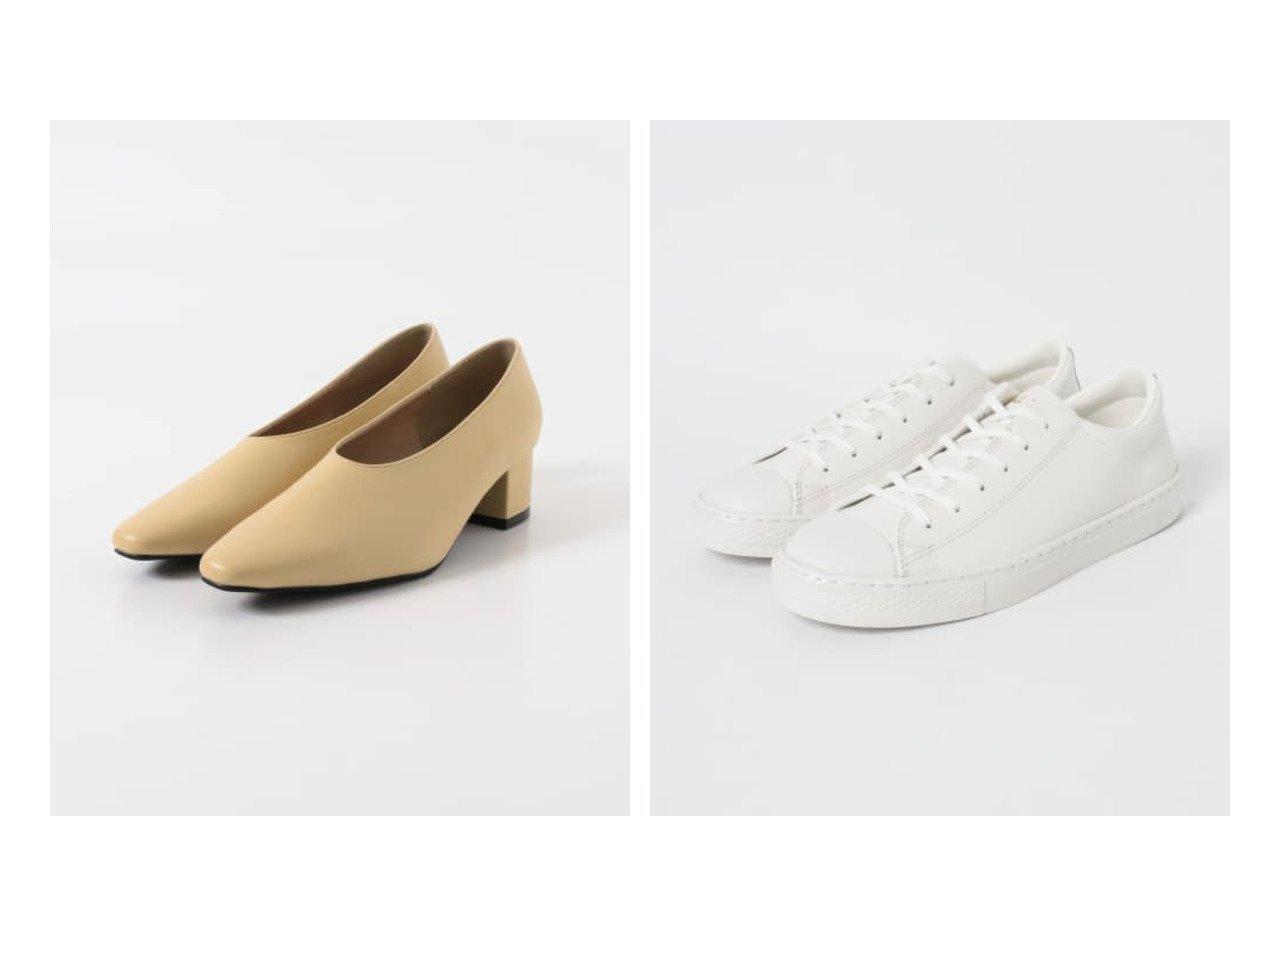 【URBAN RESEARCH/アーバンリサーチ】のCONVERSE ALLSTAR COUPE OX&【KBF / URBAN RESEARCH/ケービーエフ】のKBF+ セミスクエアトゥパンプス 【シューズ・靴】おすすめ!人気、トレンド・レディースファッションの通販 おすすめで人気の流行・トレンド、ファッションの通販商品 メンズファッション・キッズファッション・インテリア・家具・レディースファッション・服の通販 founy(ファニー) https://founy.com/ ファッション Fashion レディースファッション WOMEN シューズ スニーカー ソックス デニム 定番 Standard NEW・新作・新着・新入荷 New Arrivals  ID:crp329100000025456